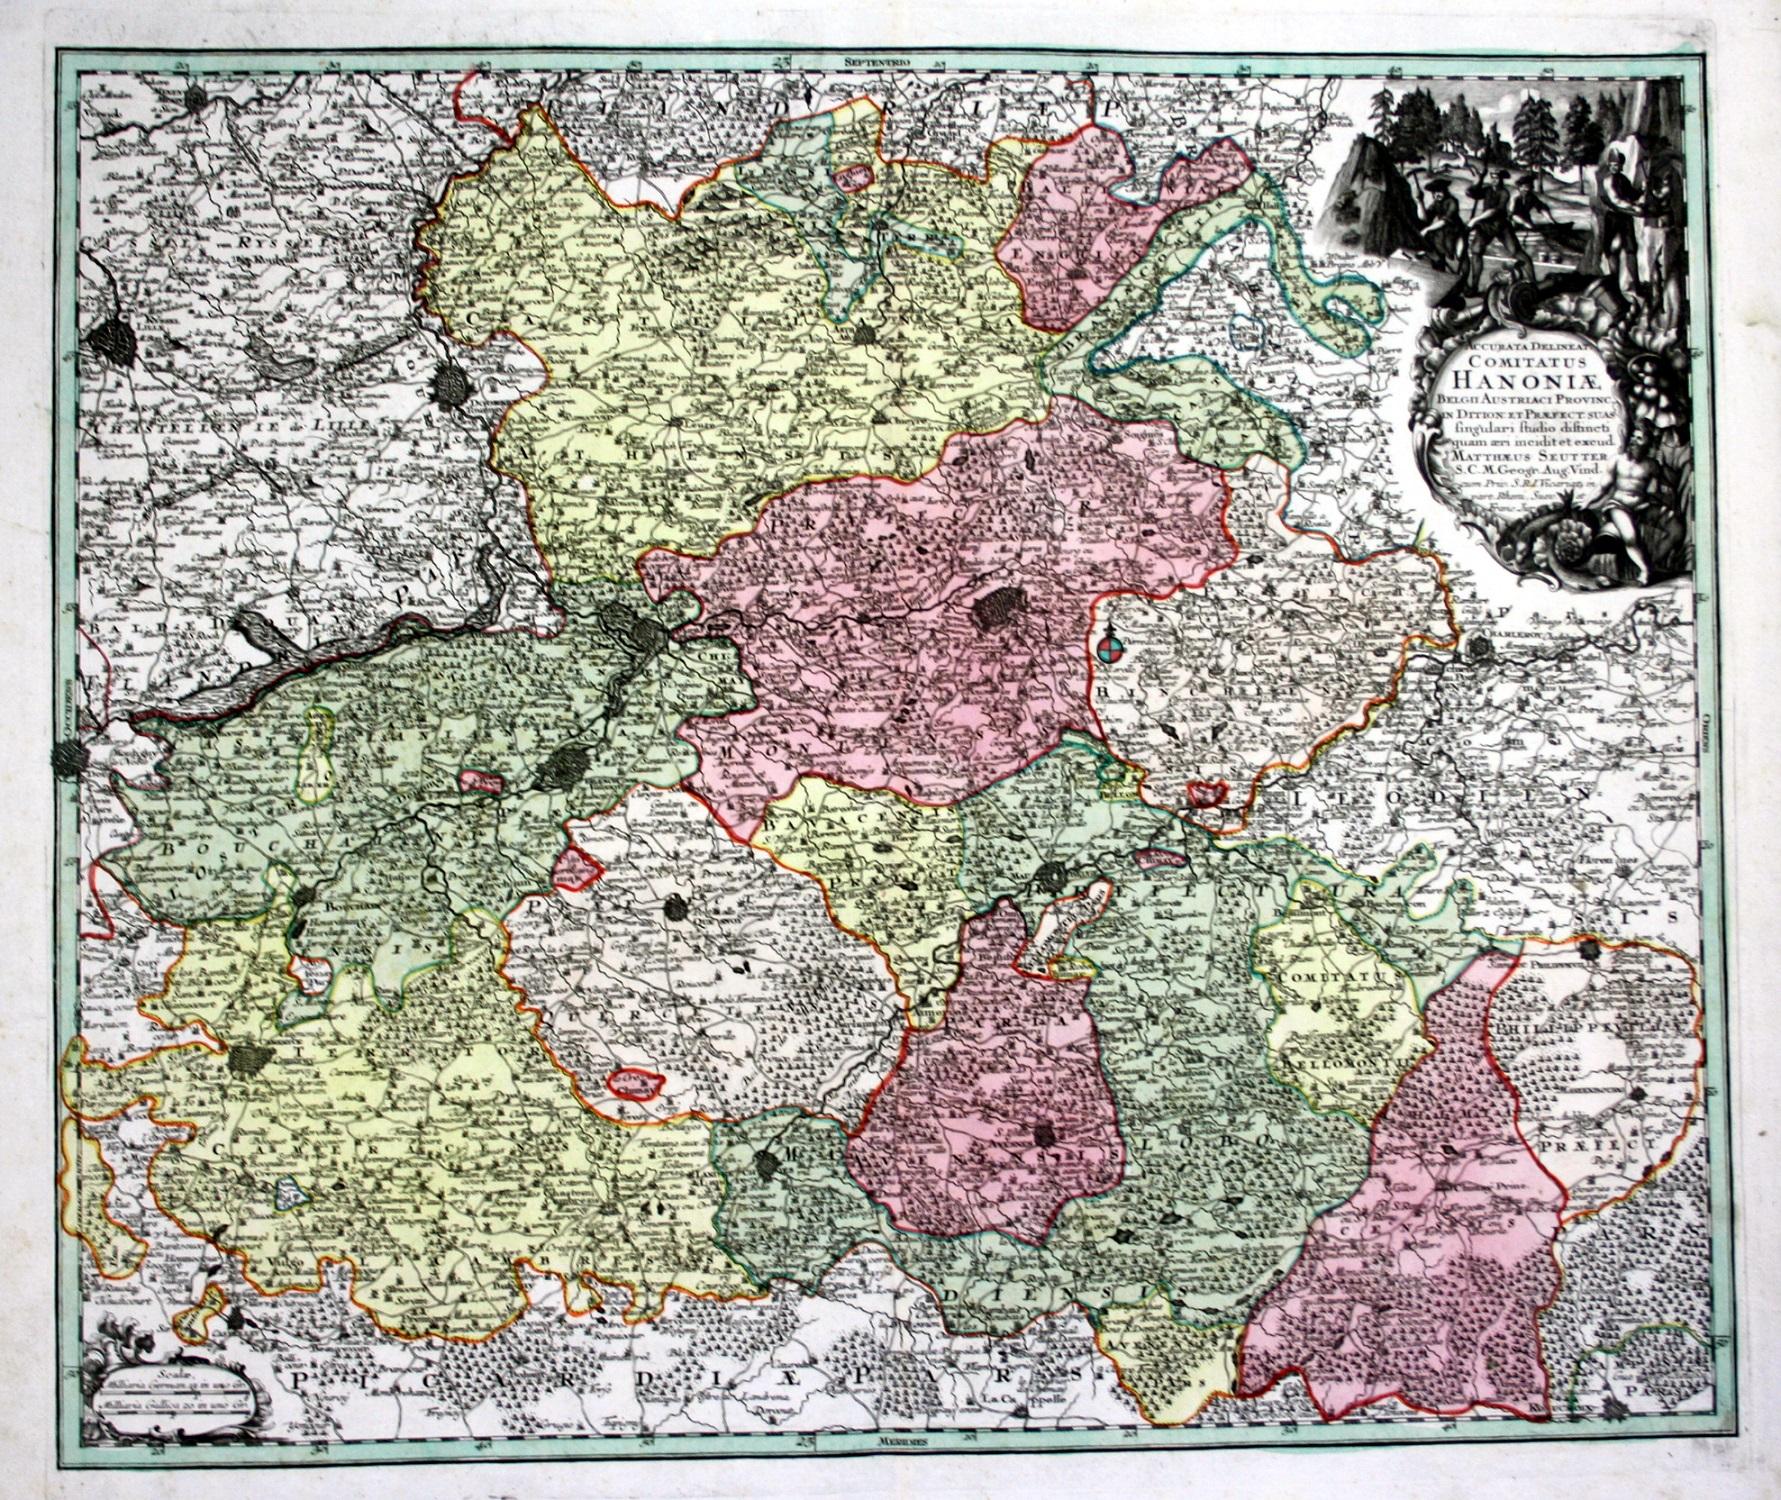 Carte Belgique Mons.Accurata Delineat Comitatus Hanoniae Hainaut Belgium Belgique